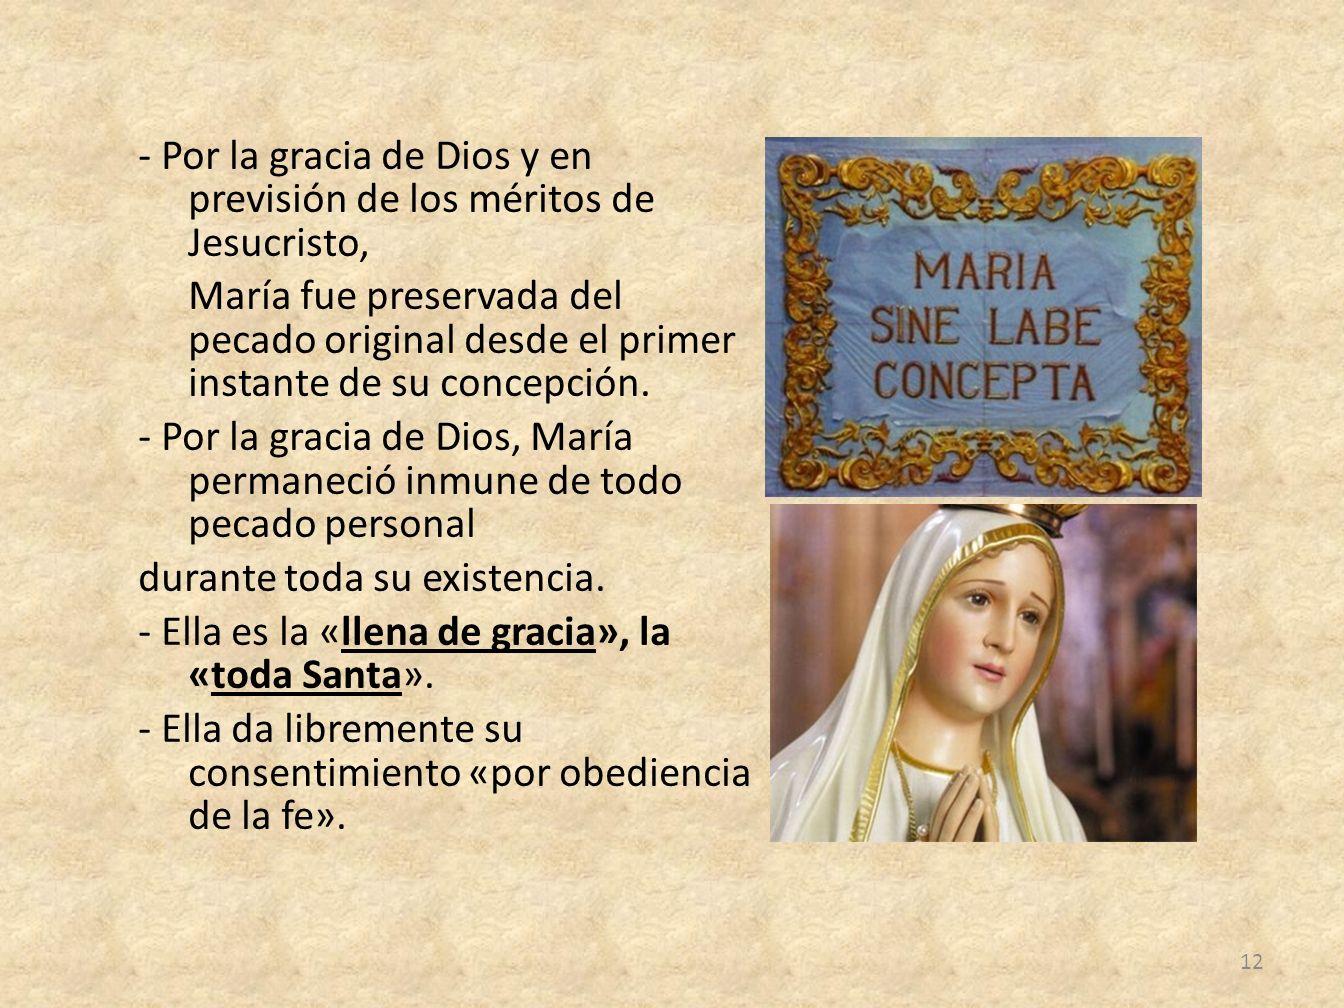 - Por la gracia de Dios y en previsión de los méritos de Jesucristo, María fue preservada del pecado original desde el primer instante de su concepció